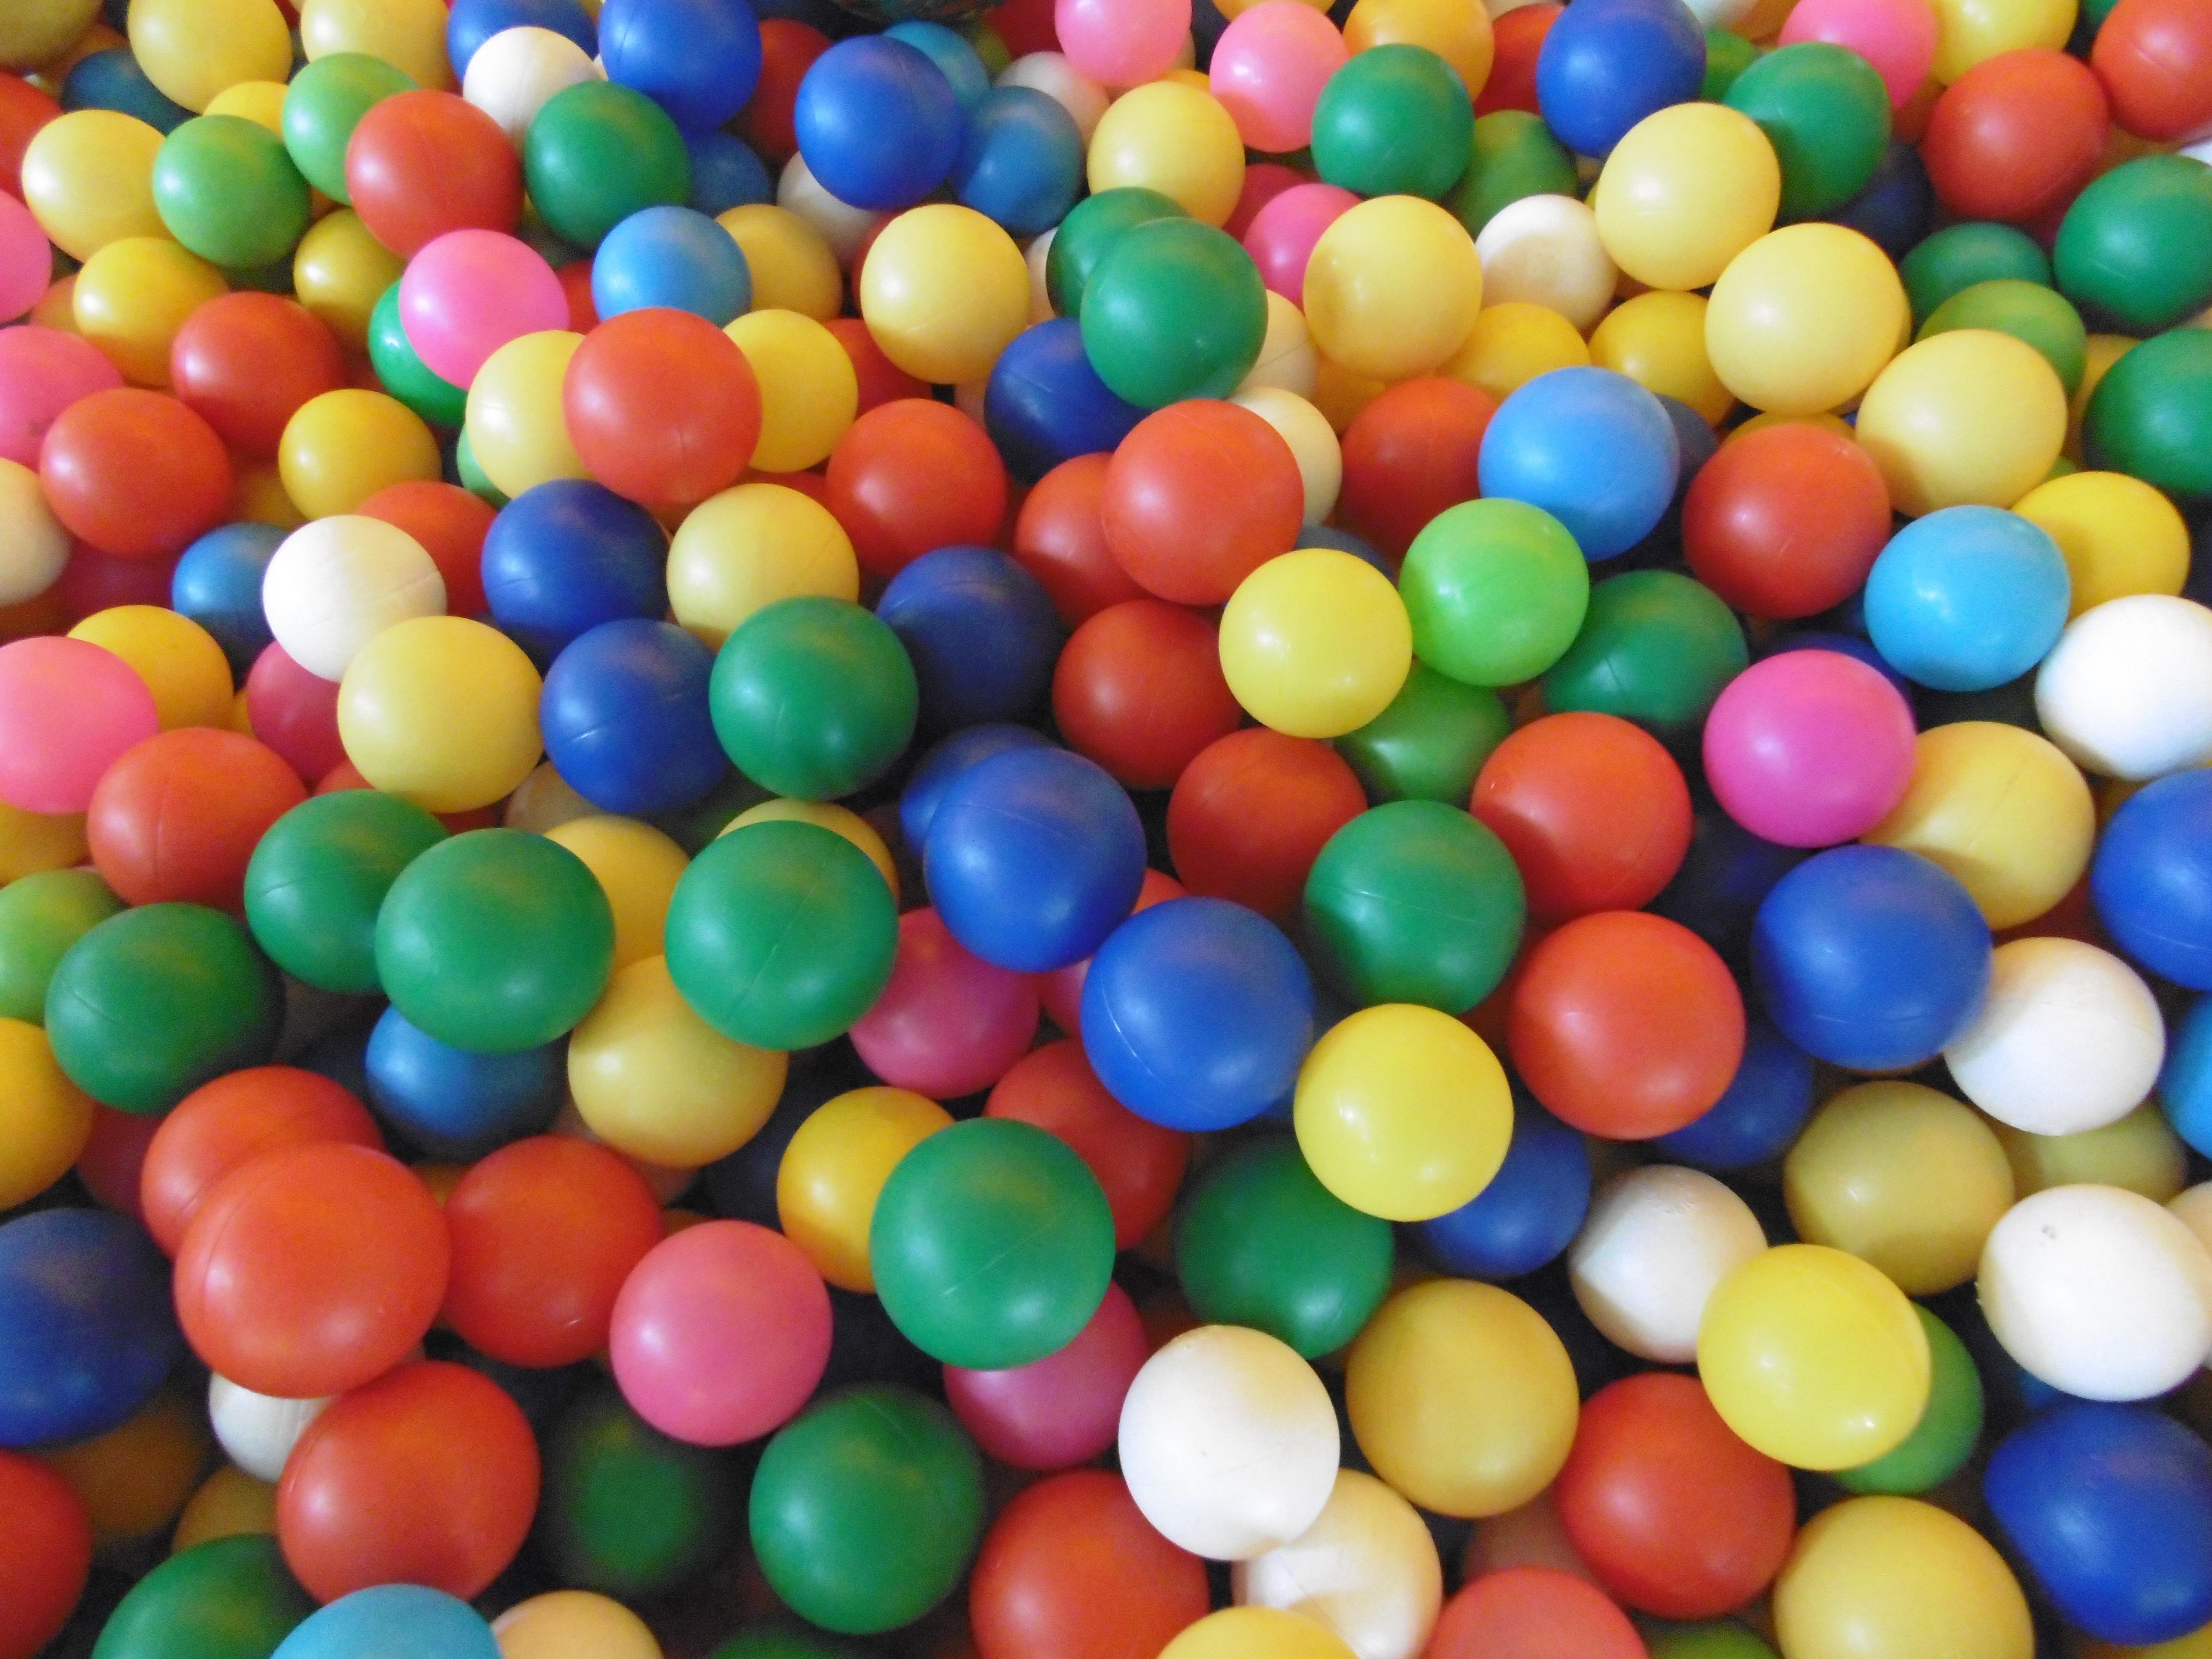 Картинка с разноцветными шариками